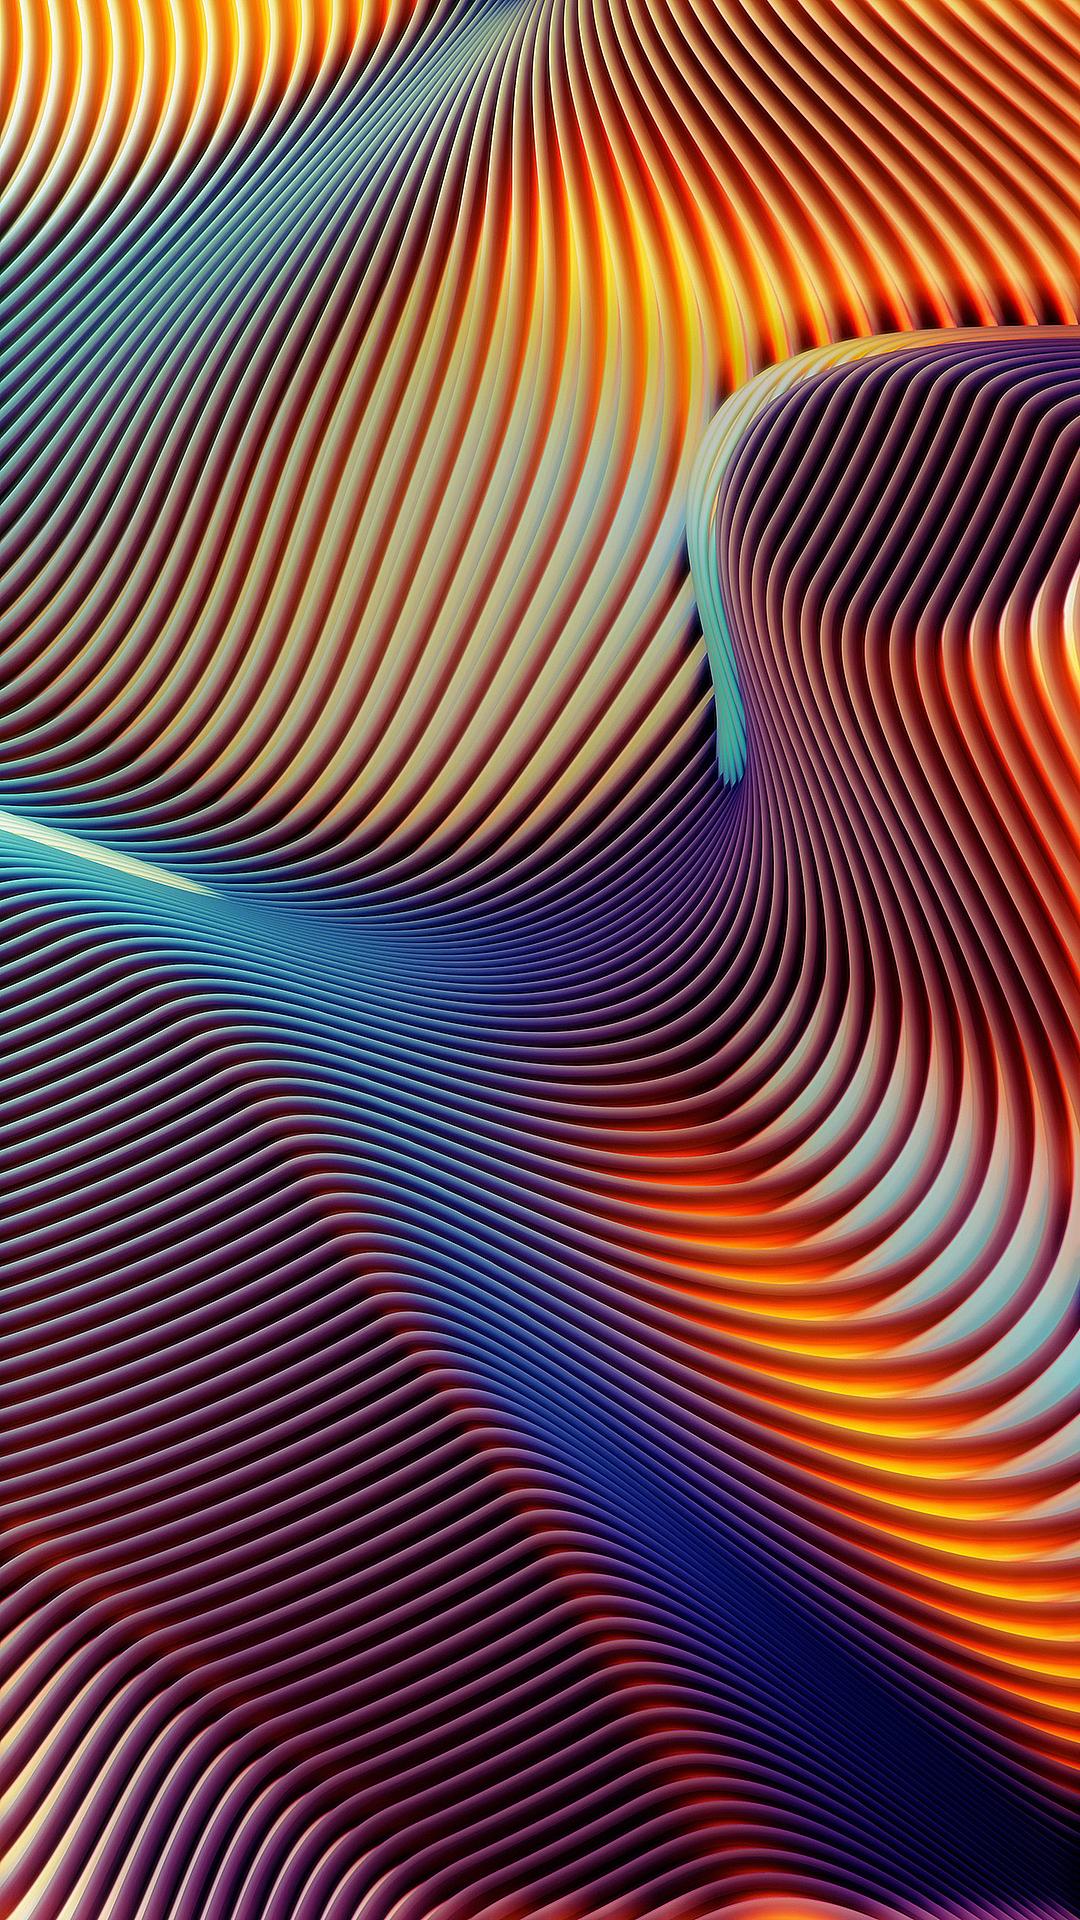 خلفيات ايفون 7 طبيعه Nature Wallpapers Iphone Tecnologis Resimler Resim Desenler